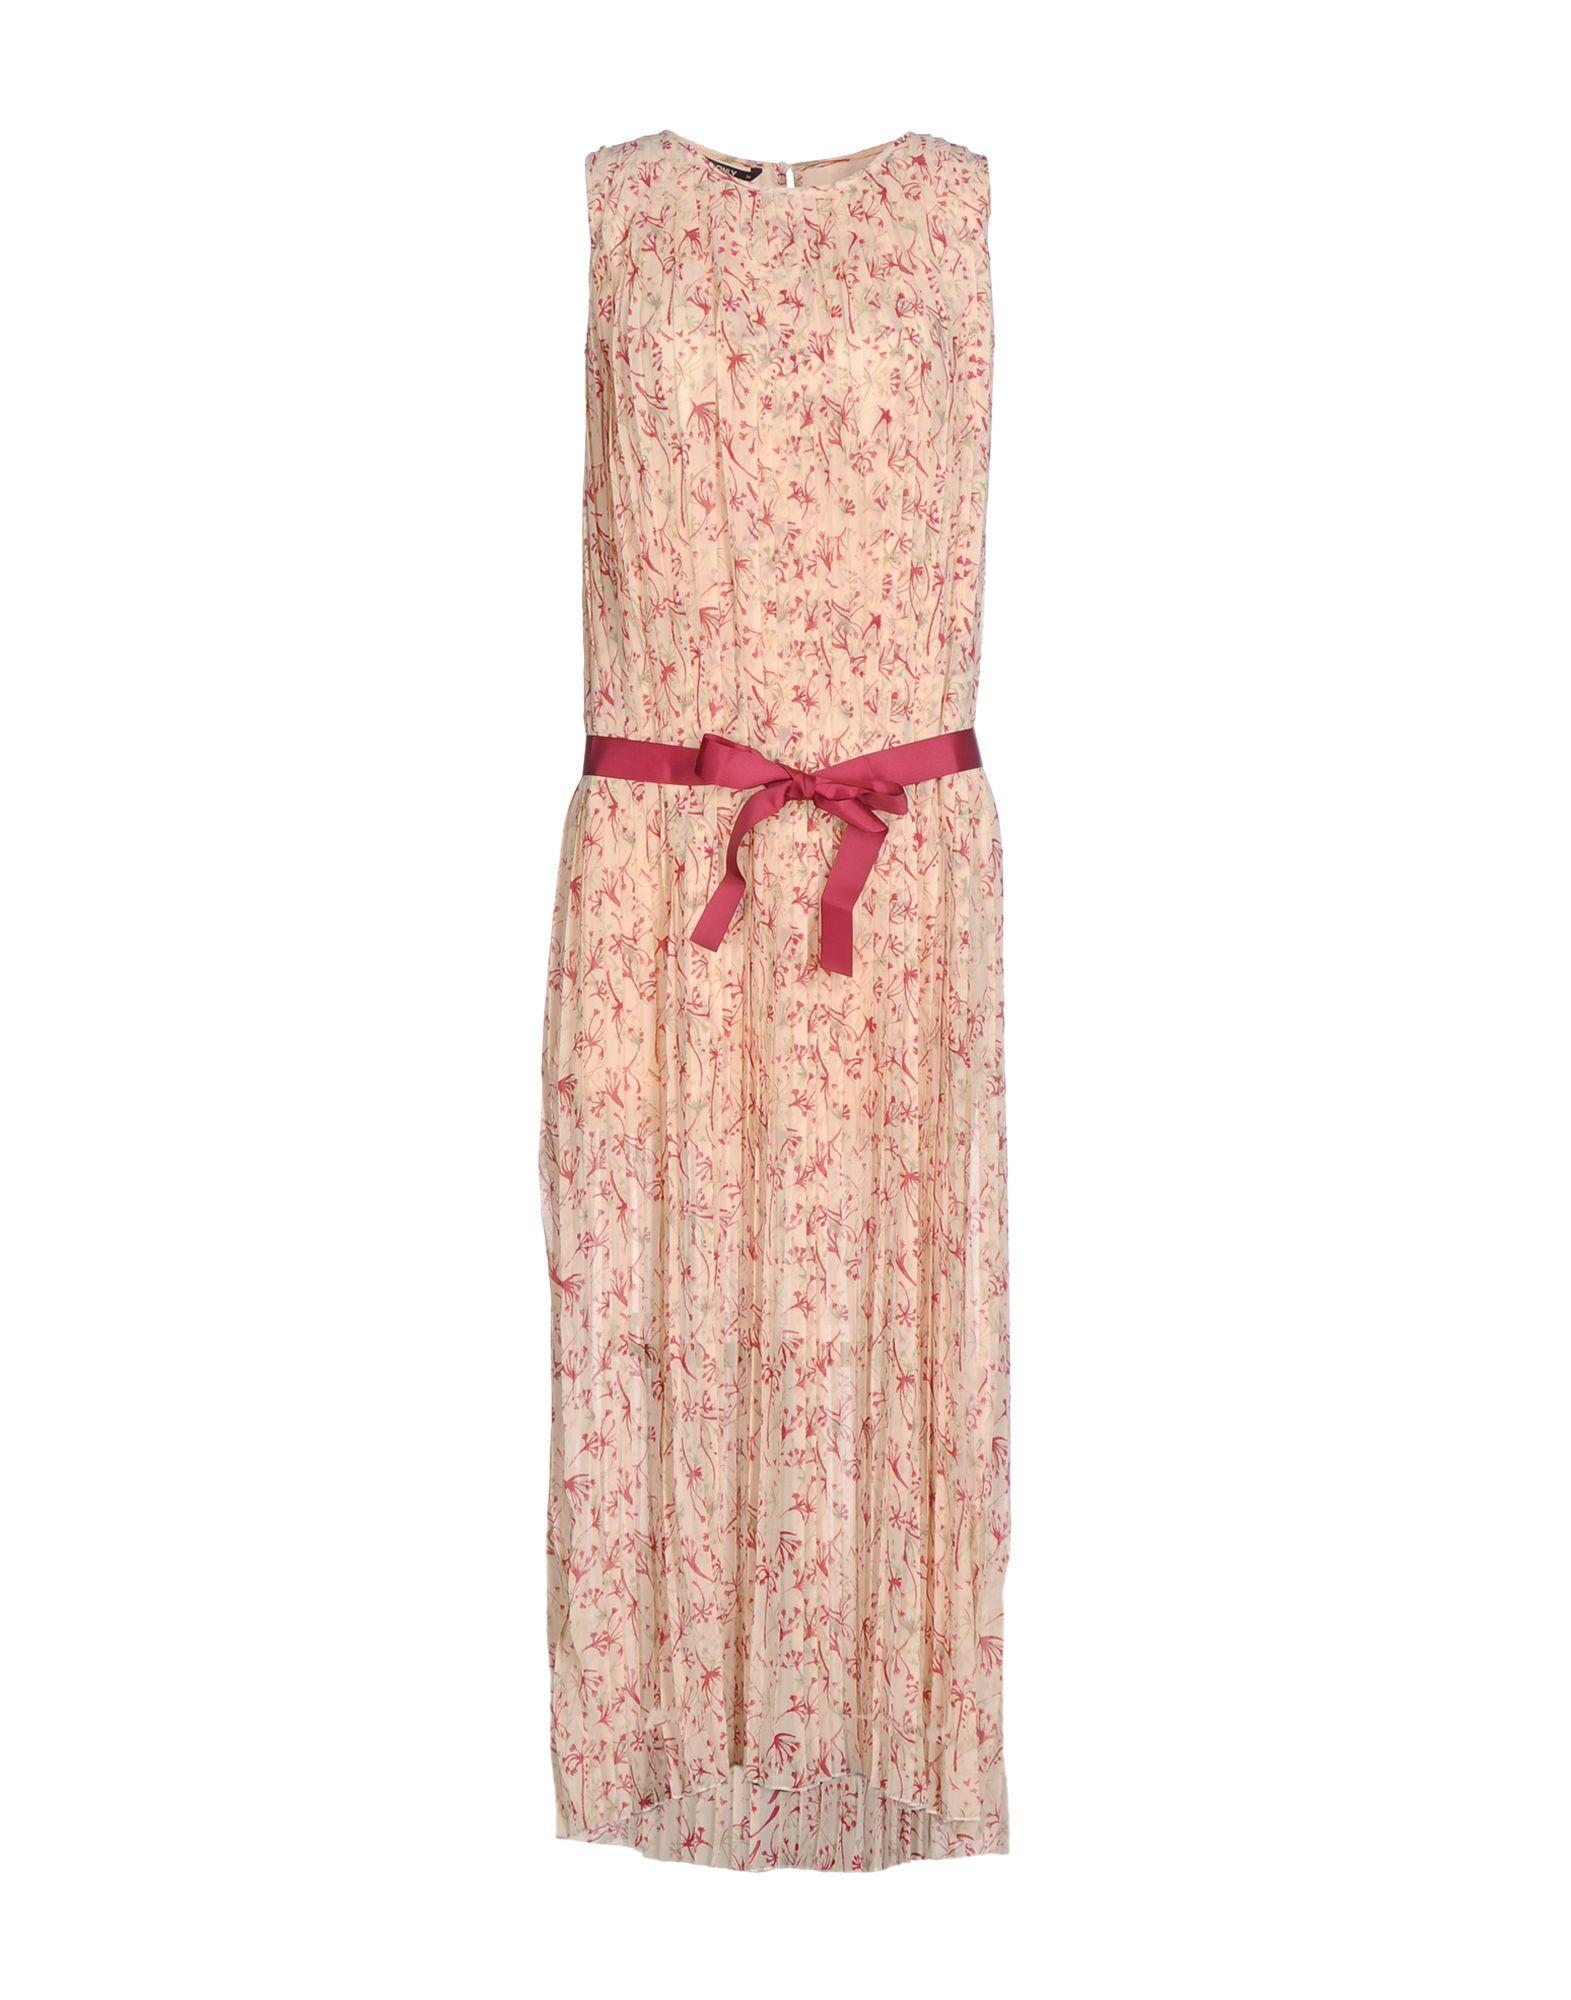 ONLY Damen Langes Kleid Farbe Beige Größe 6